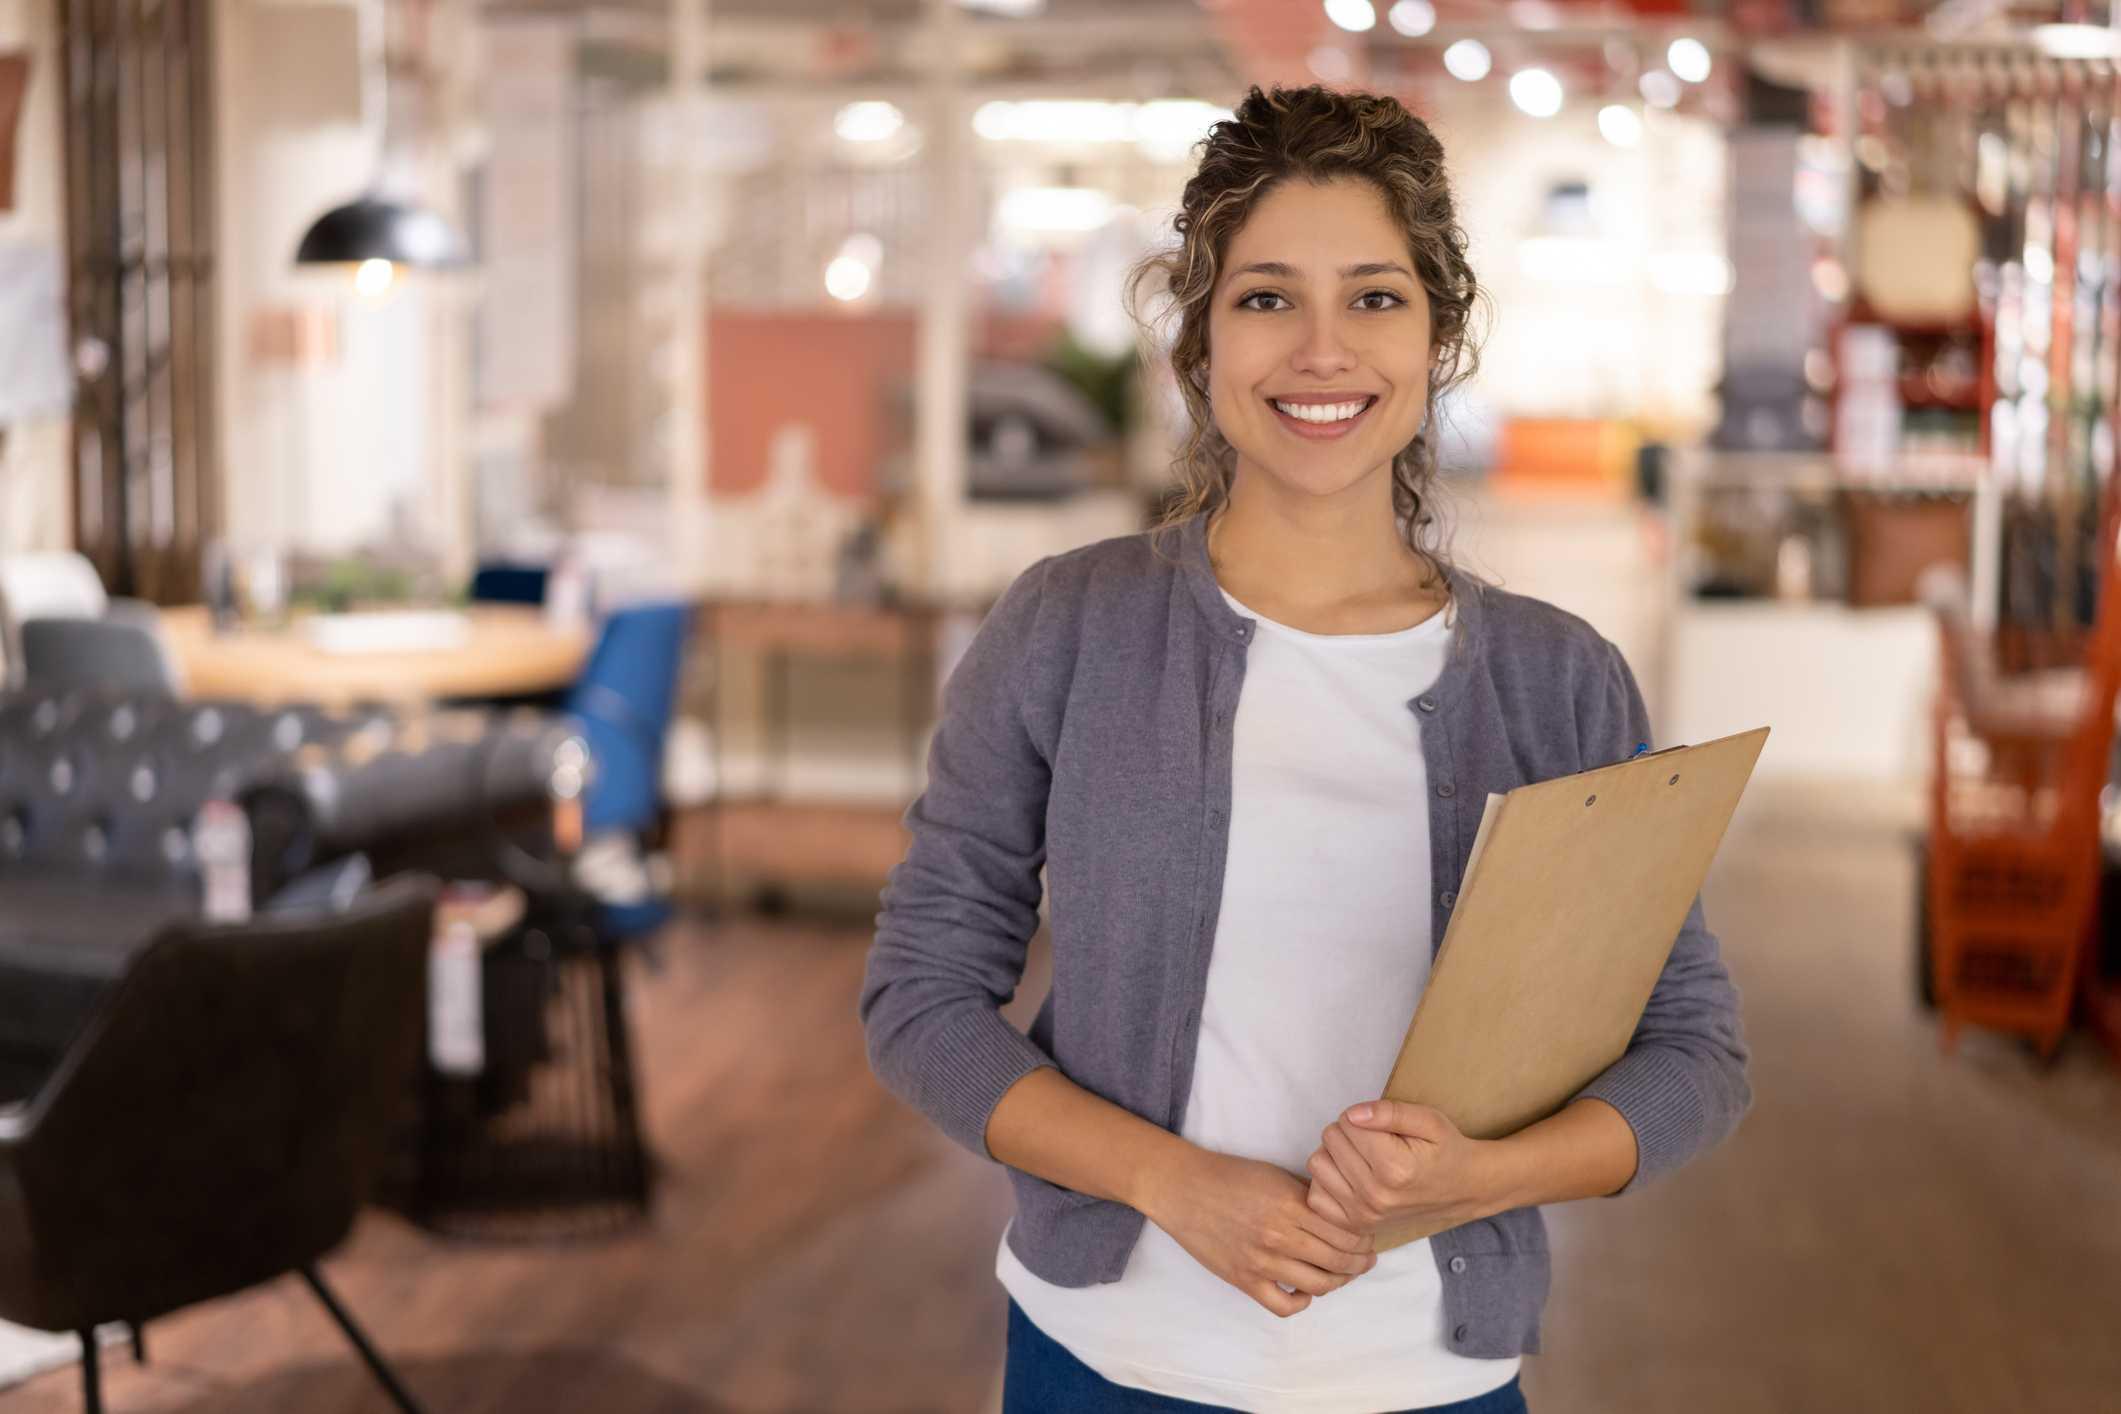 venda técnica - vendedora em uma loja de móveis sorrindo segurando uma prancheta